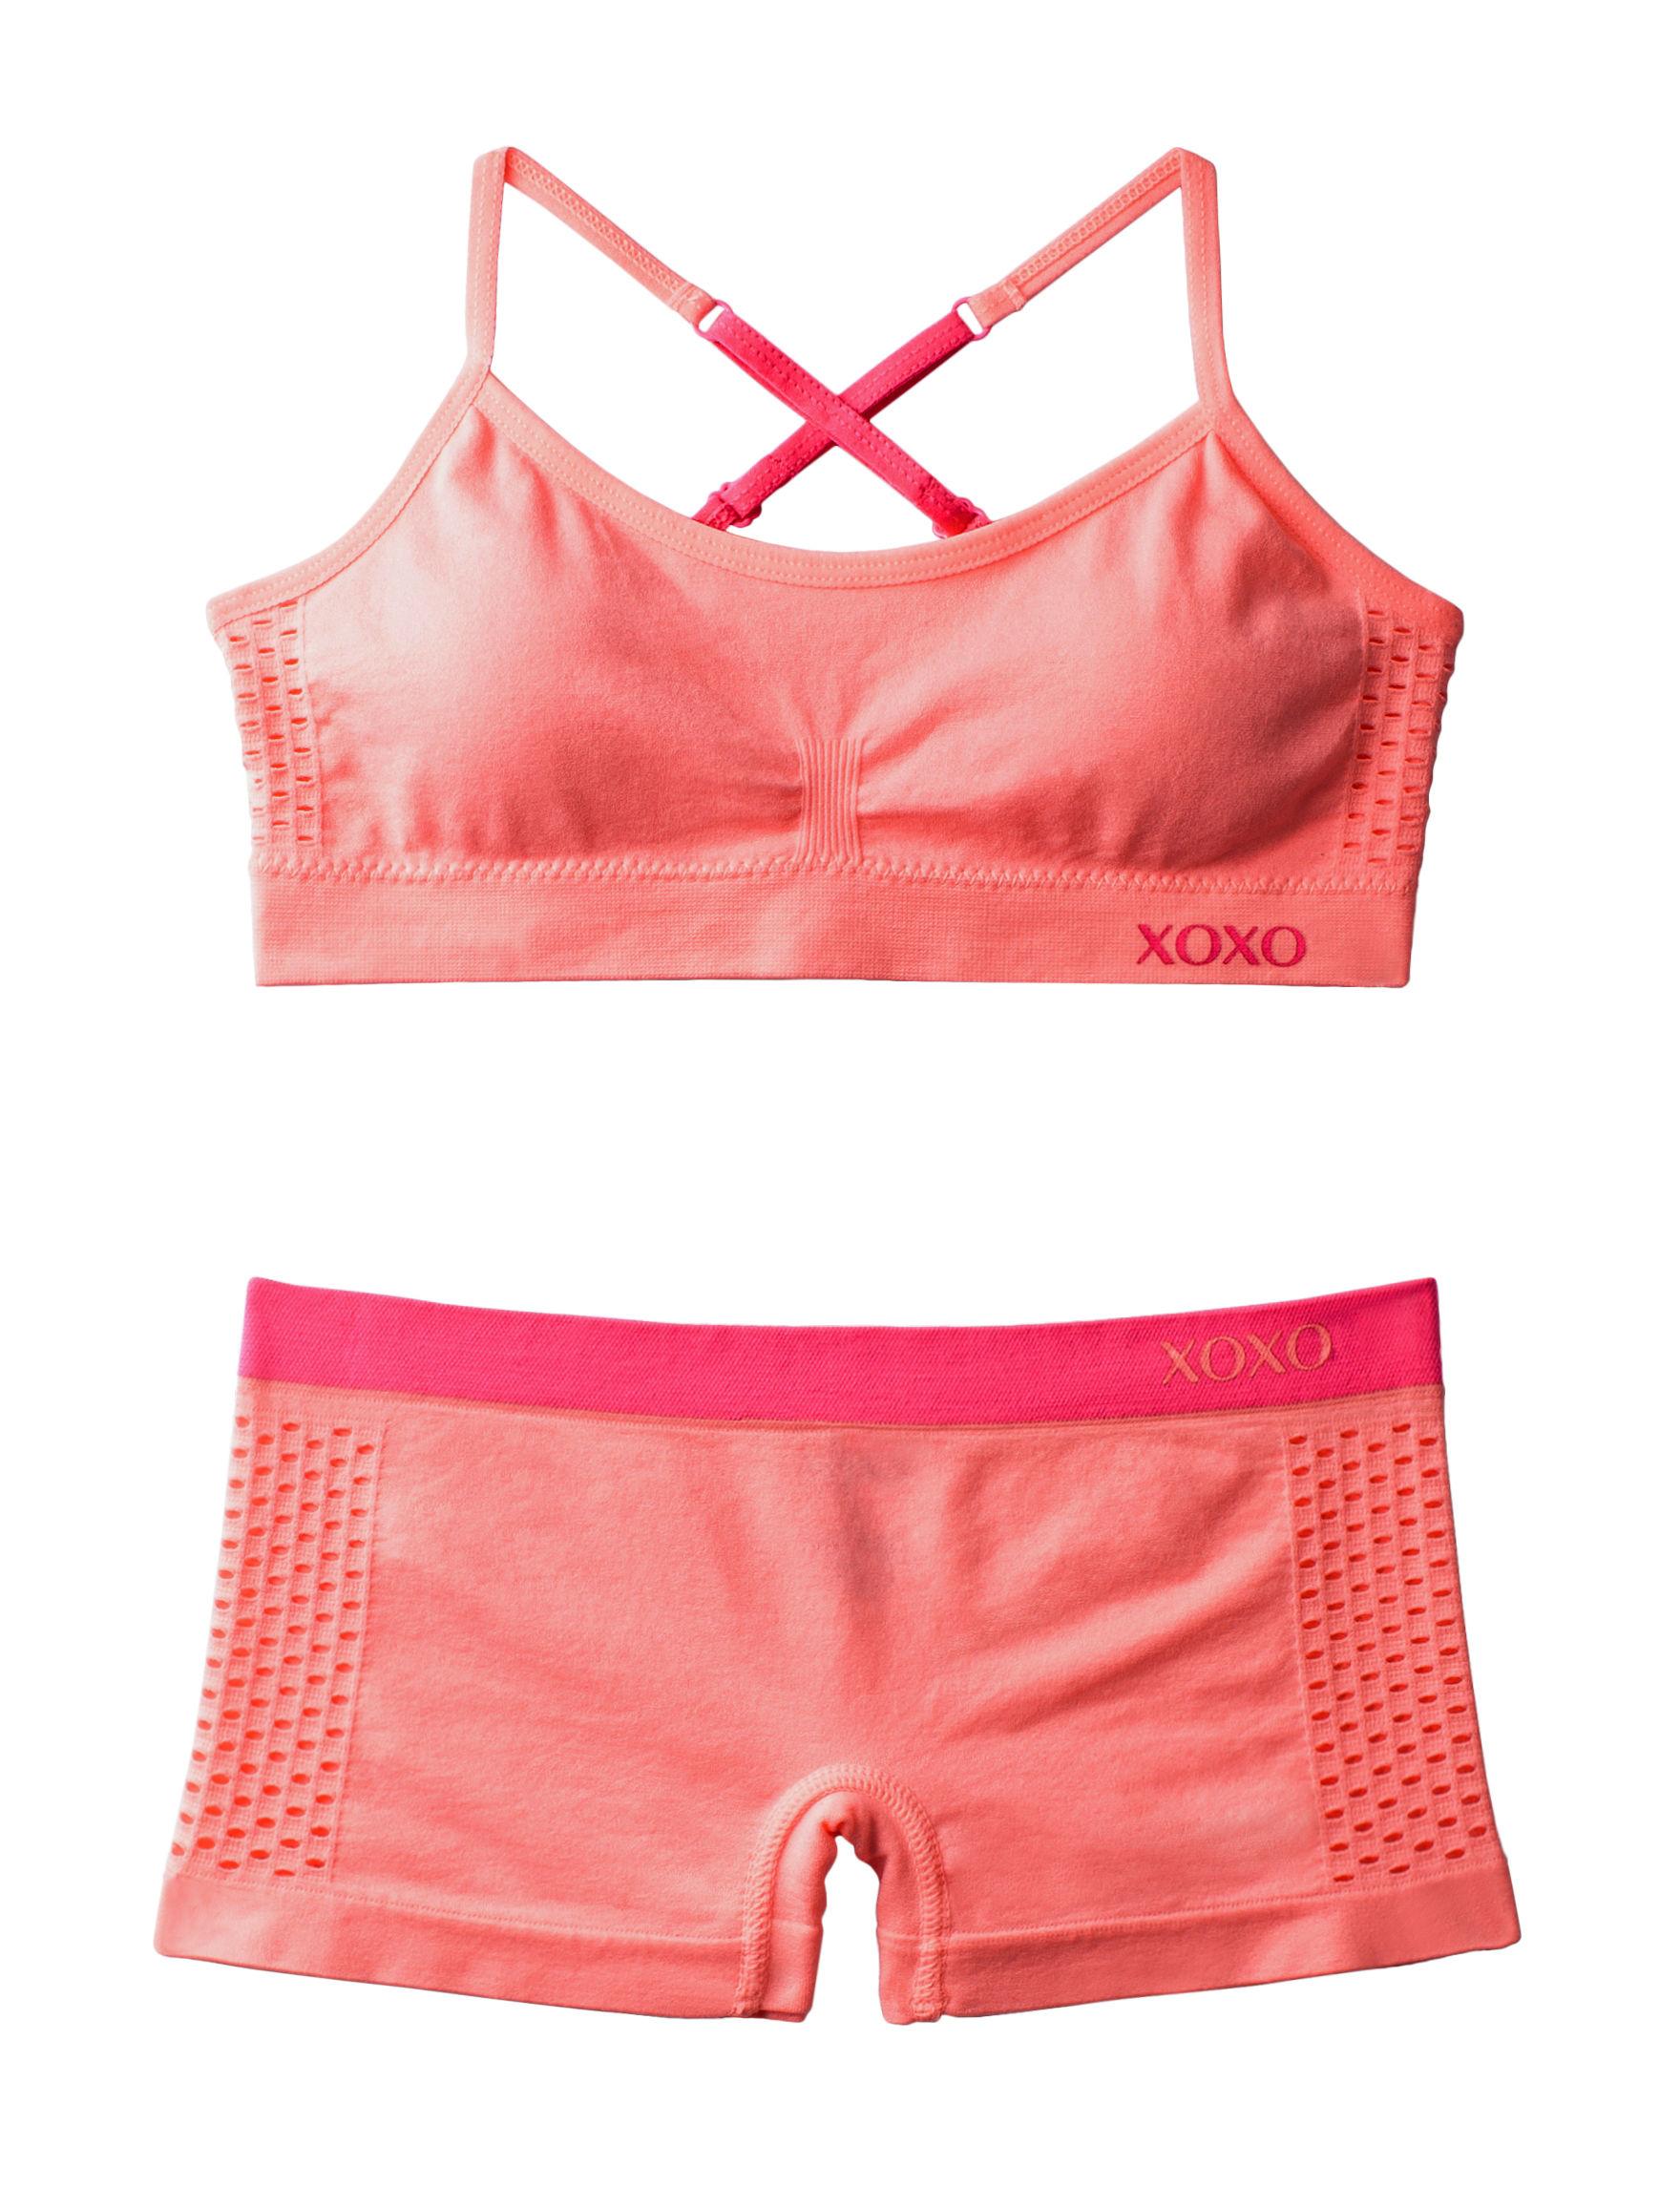 XOXO Pink Panties